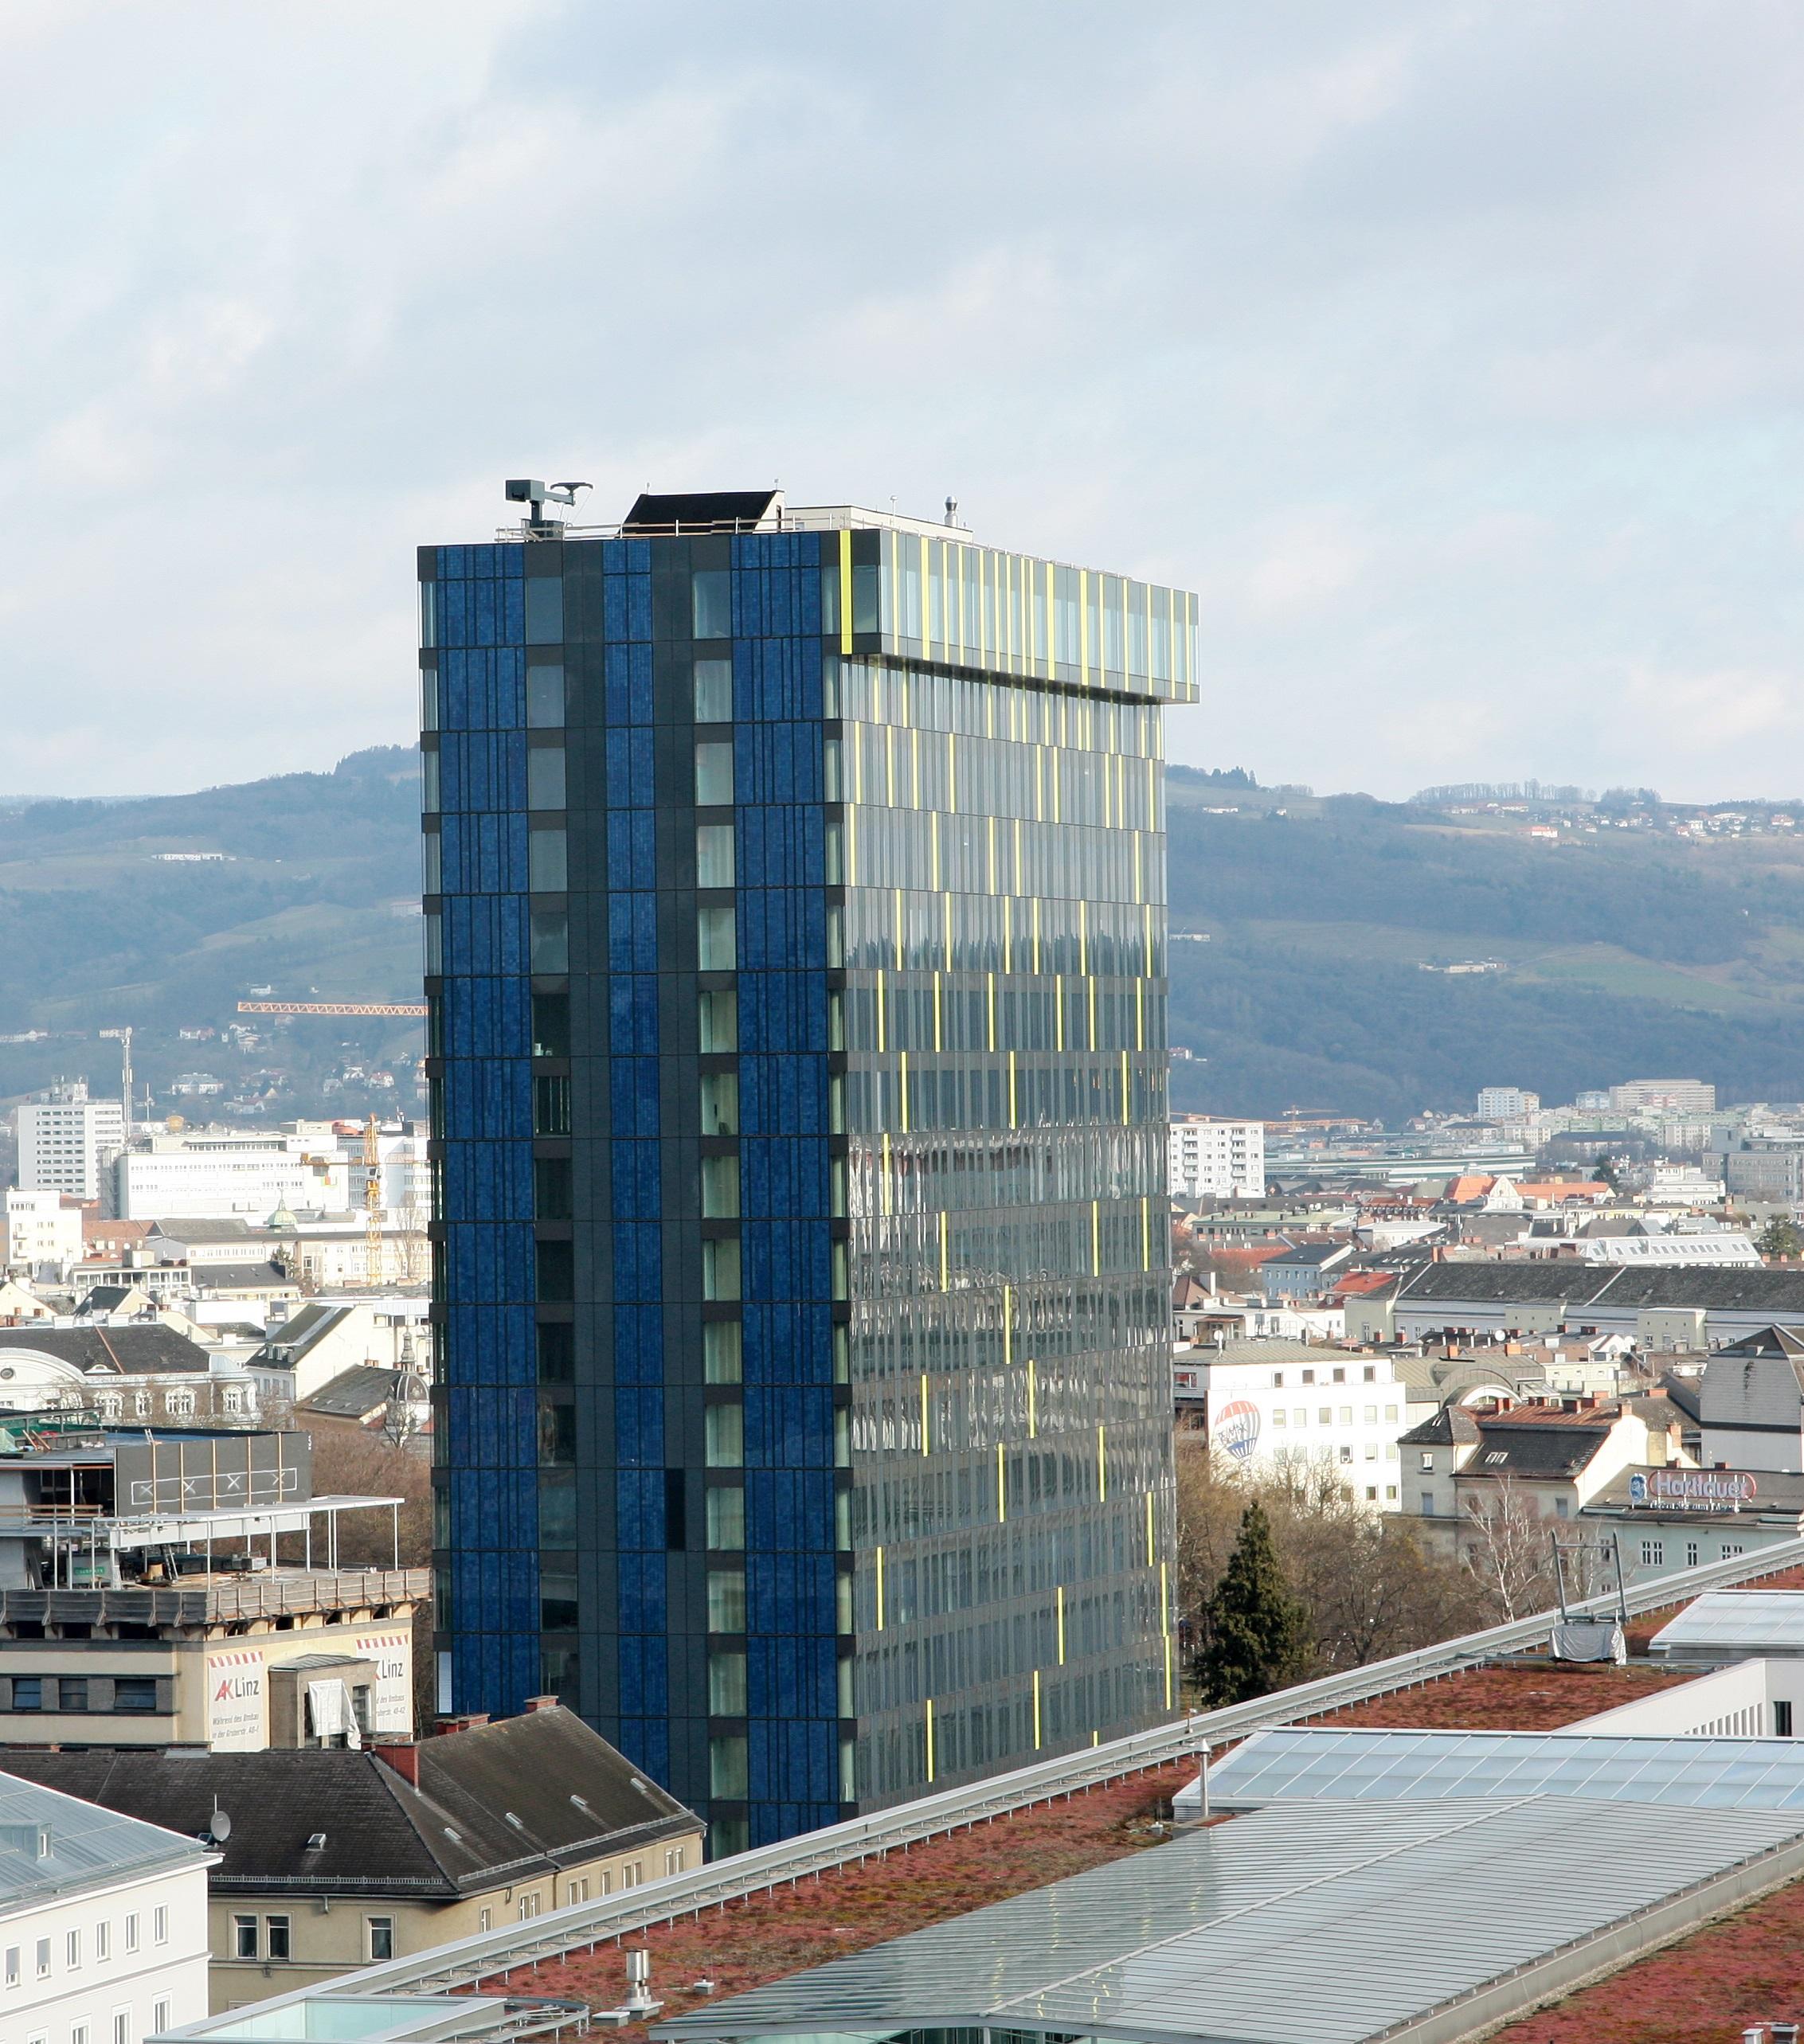 Power Tower, en Linz (Austria). El edificio está revestido de placas fotovoltaicas que suministran energía a las oficinas interiores. Un ejemplo de arquitectura sustentable.